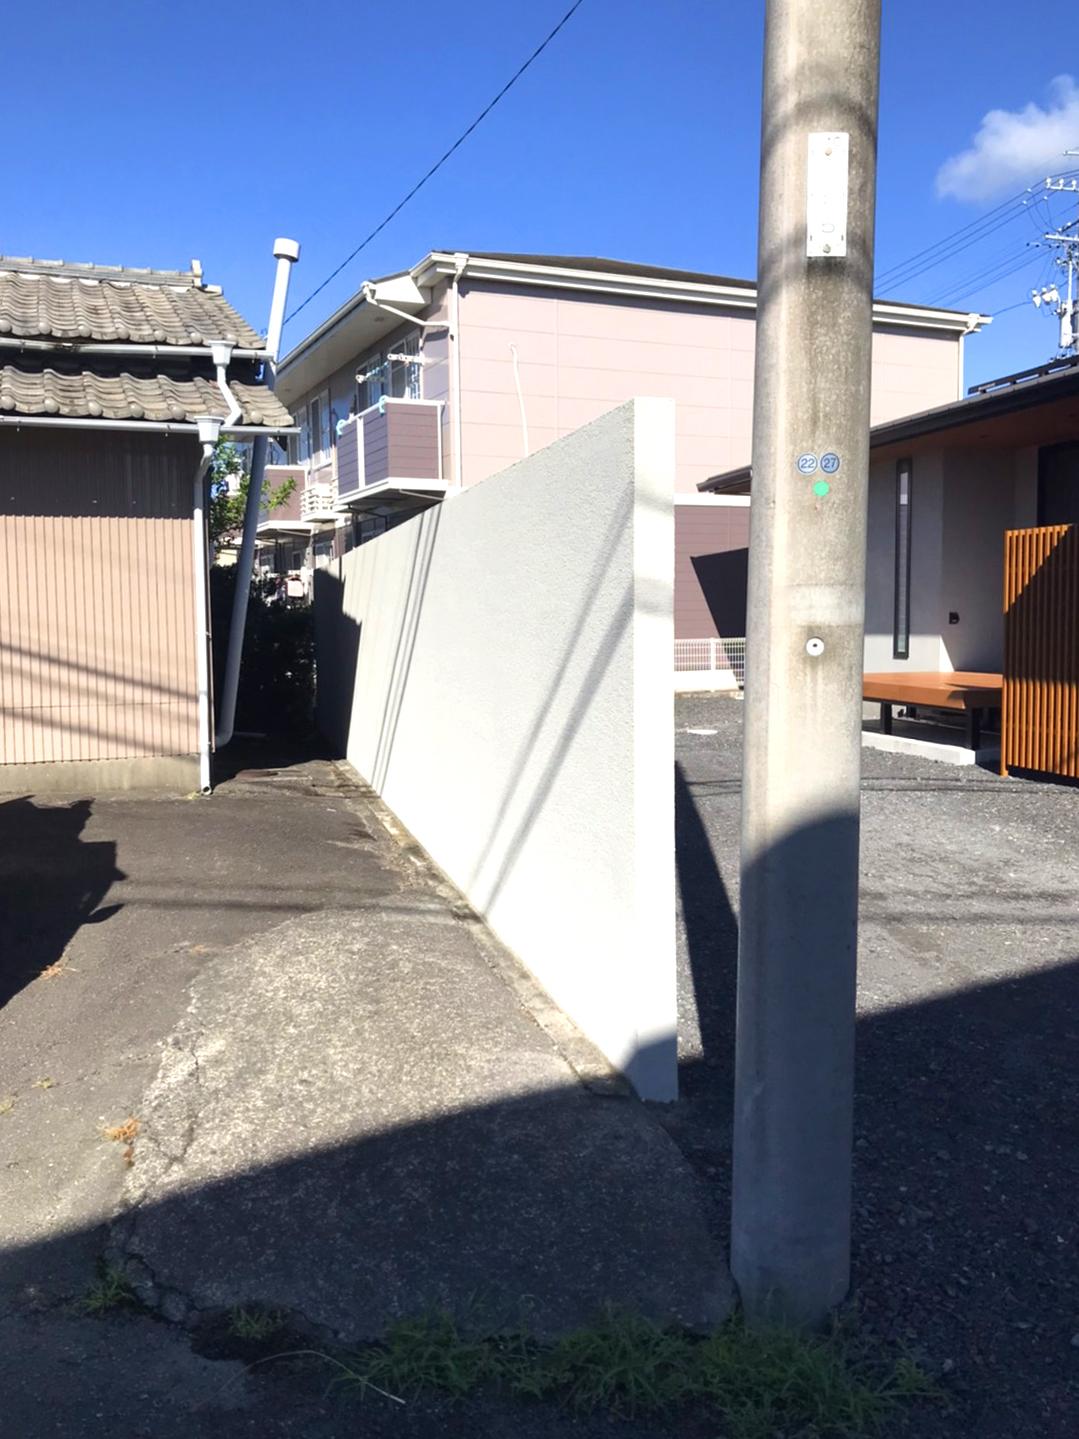 静岡県 K.T.U グランドアートウォール施工イメージ3267_04